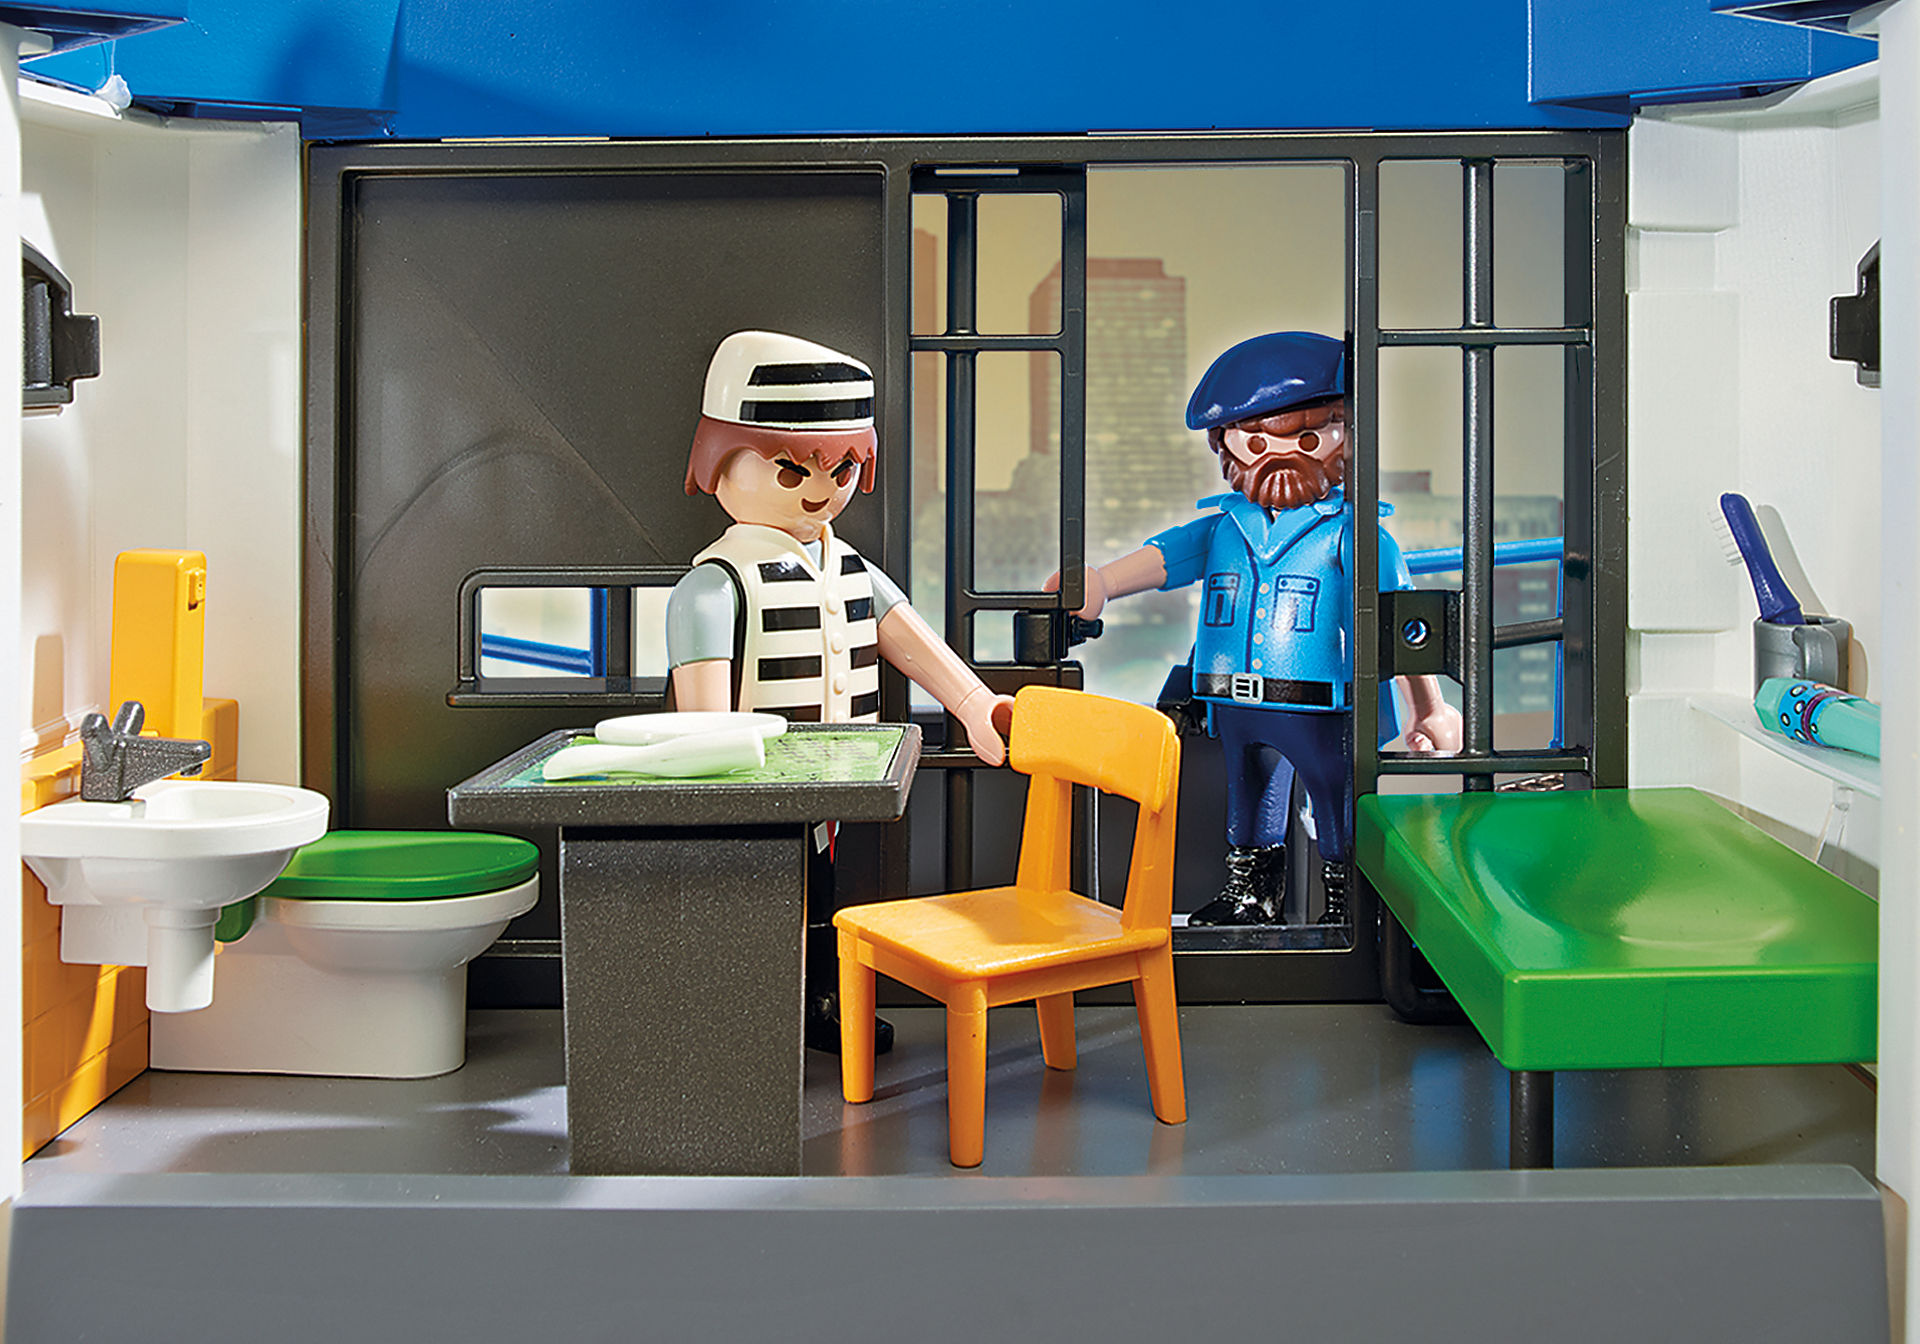 6872 Polizei-Kommandozentrale mit Gefängnis zoom image6